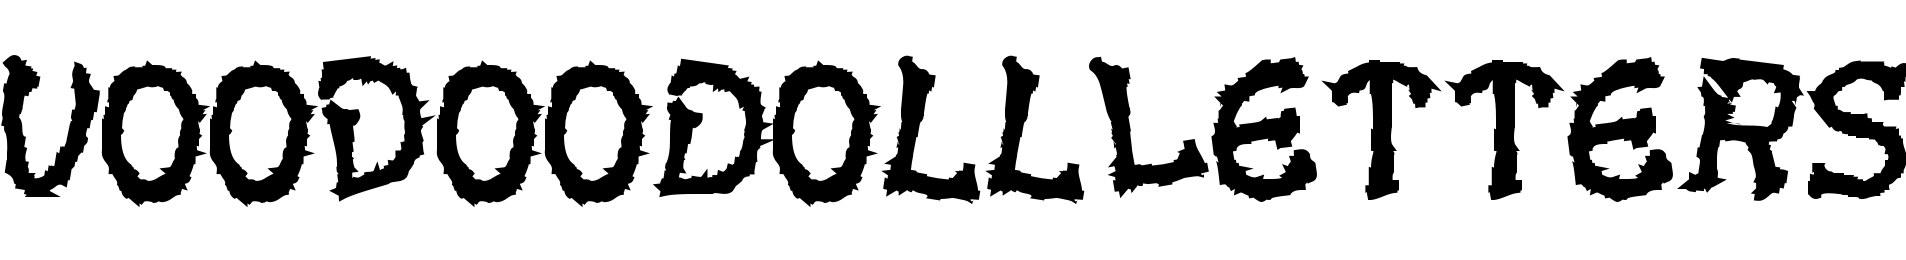 VoodooDollLetters